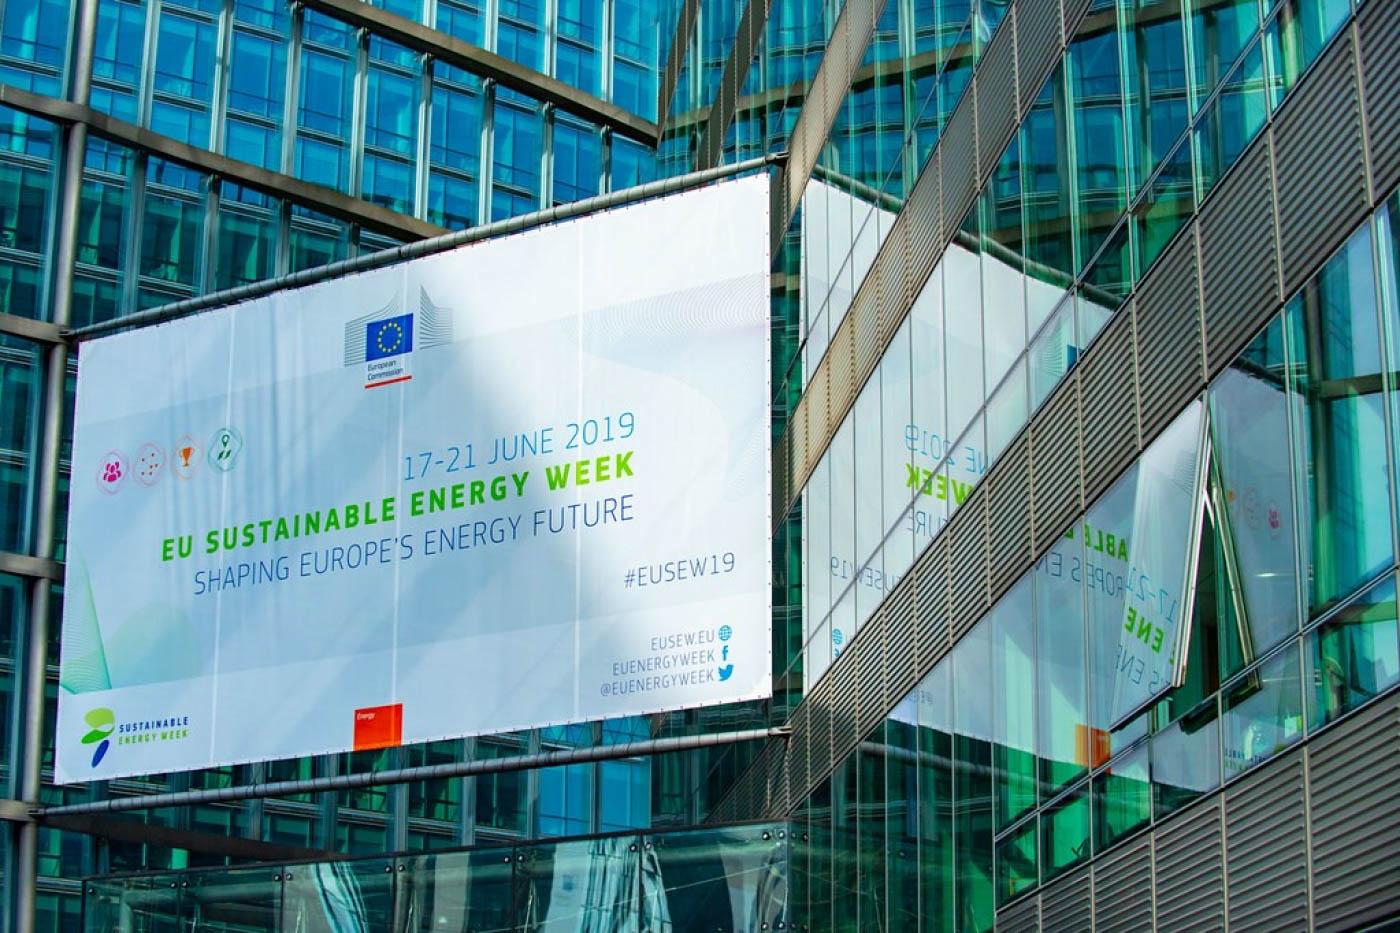 Університет нафти і газу отримав нагороду ЄС за проект з формування енергетичного майбутнього Європи (ФОТО)